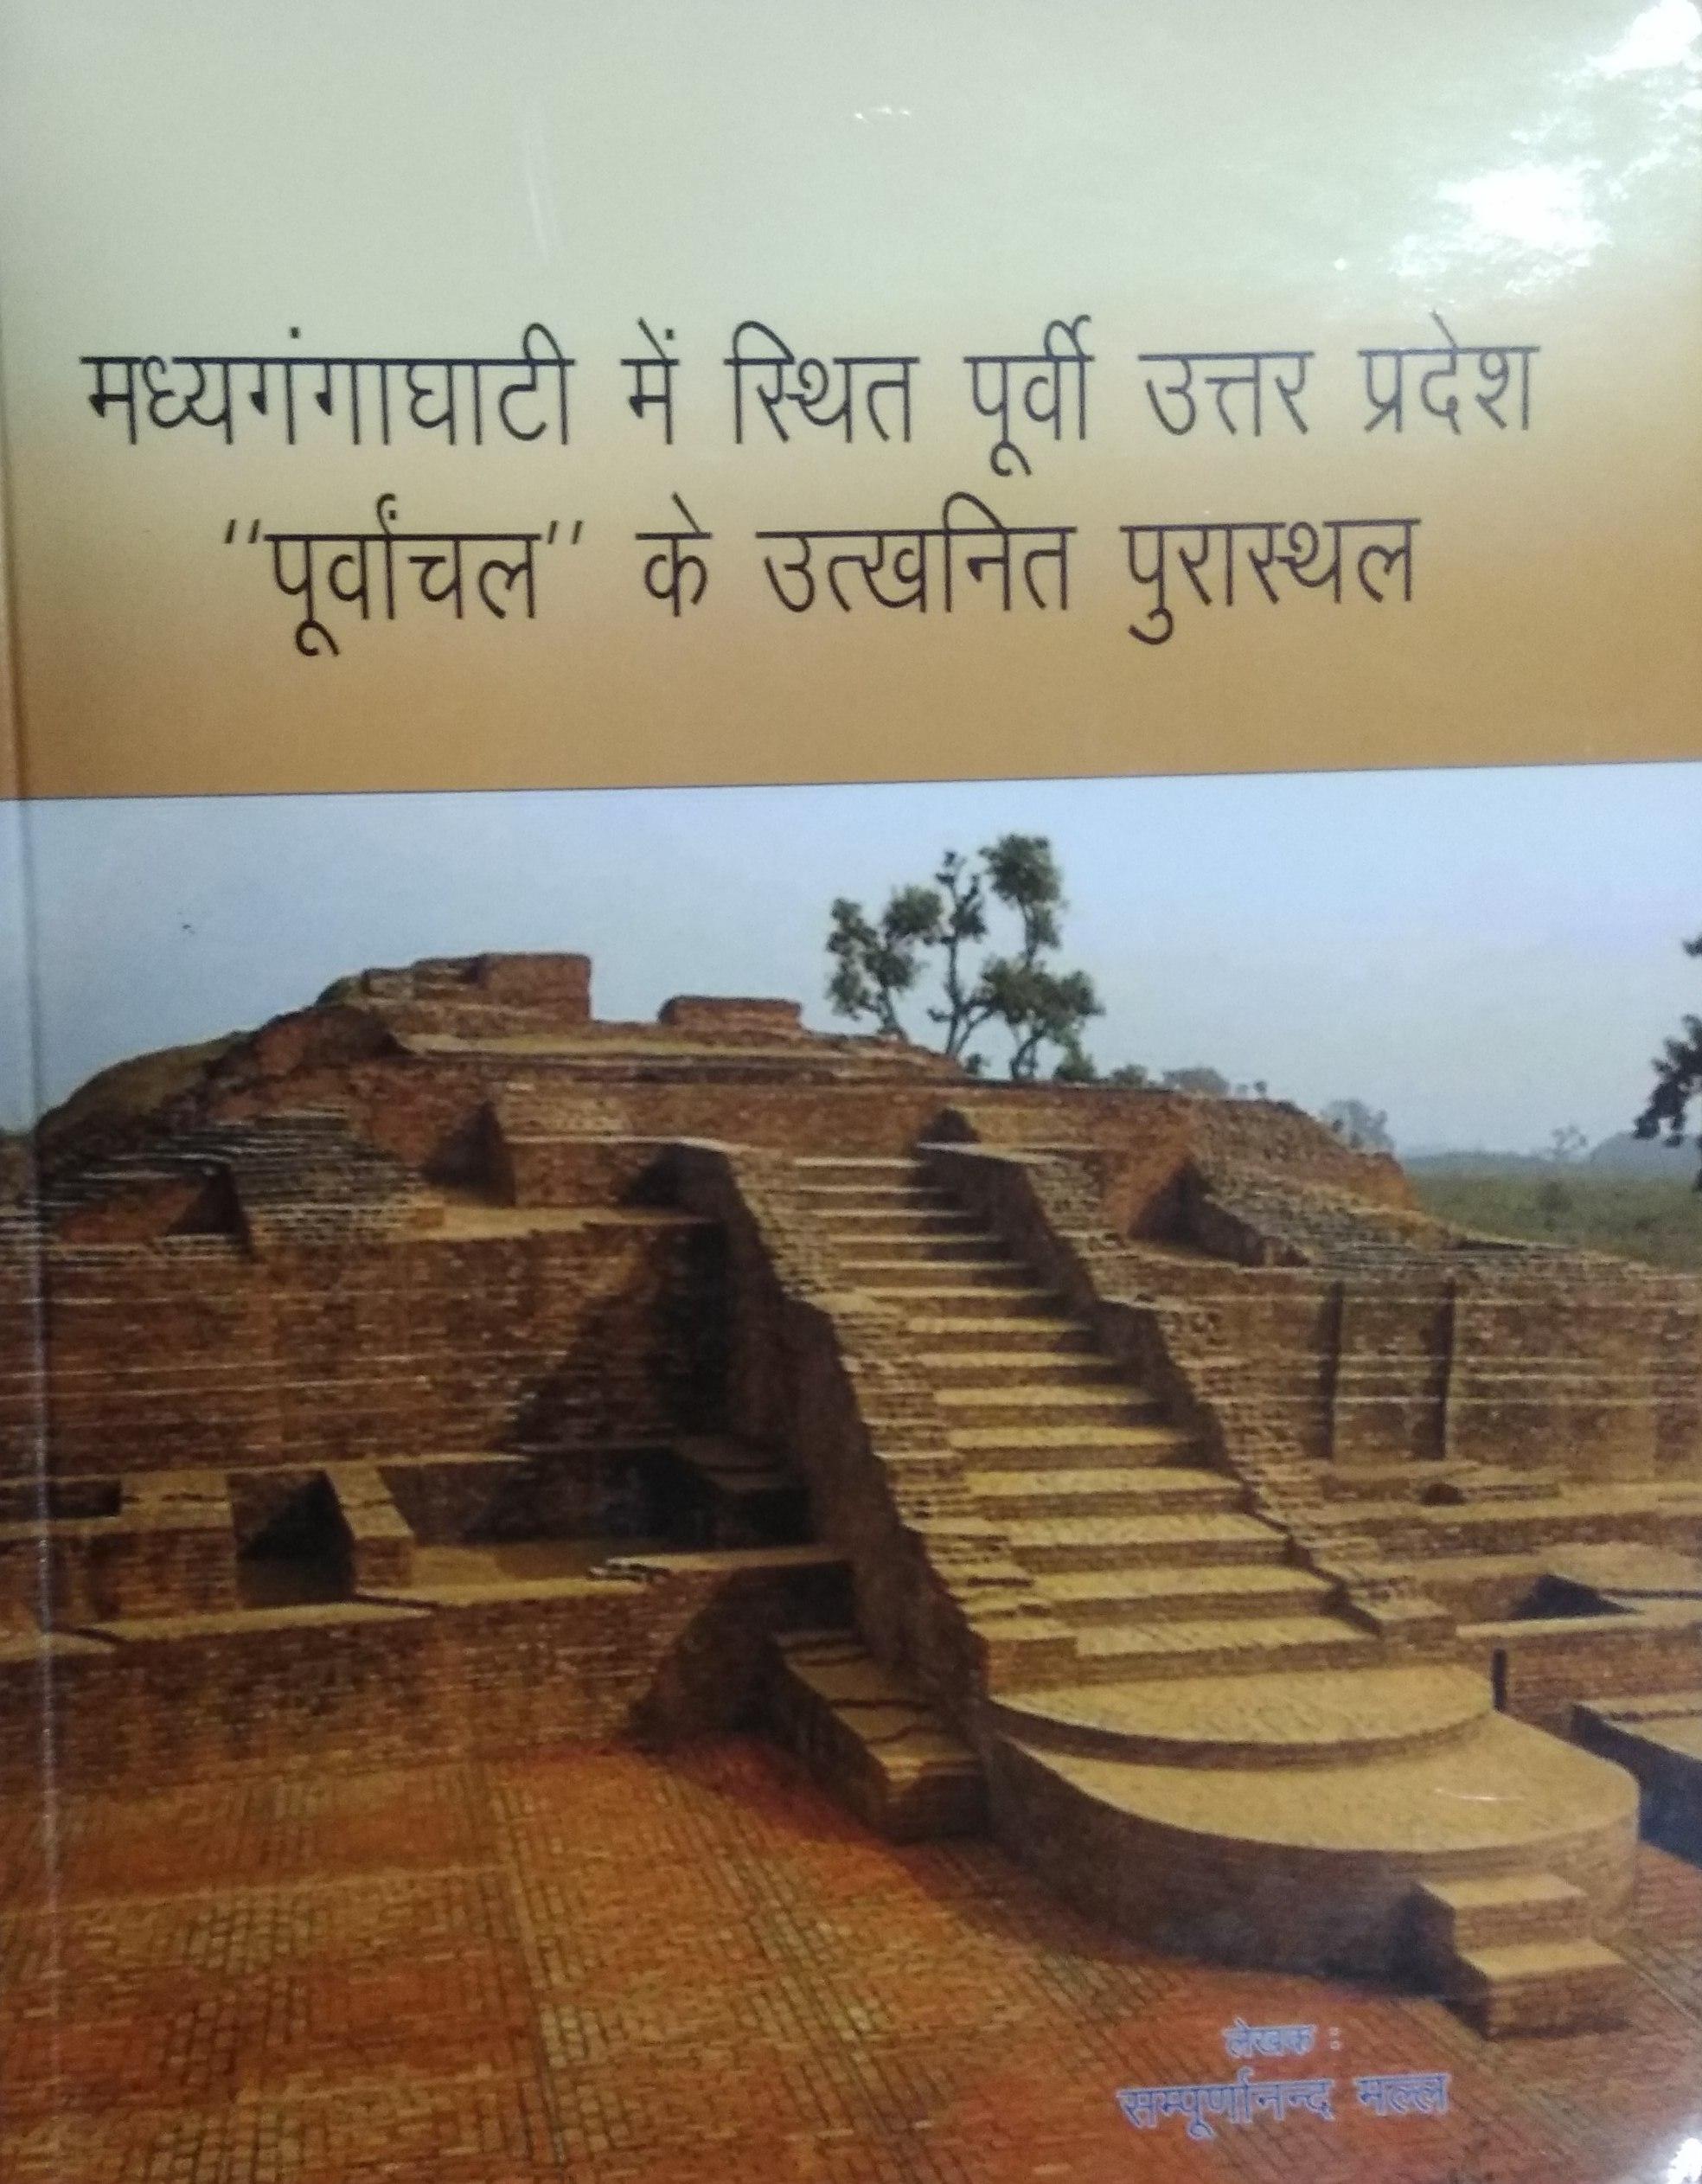 Madhyagangaghati Me Sthit Purvi Uttar Pradesh Purv…